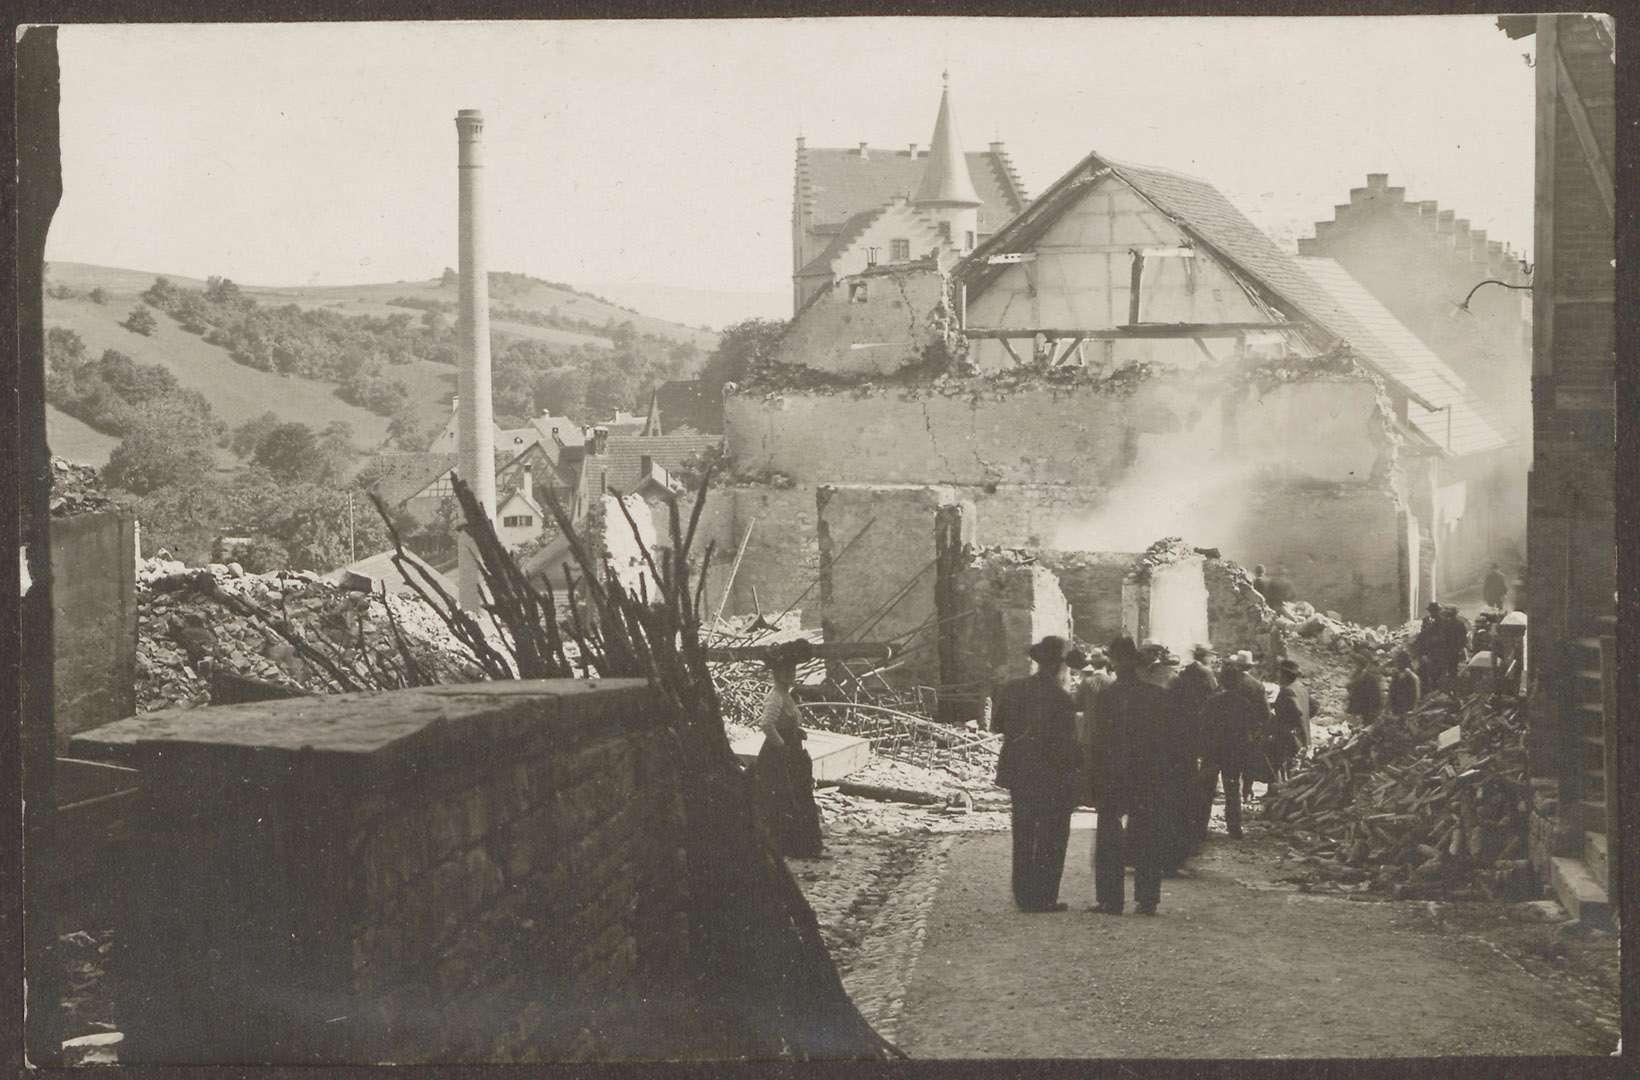 [Engen nach dem Stadtbrand vom 4. Juli 1911], Bild 1